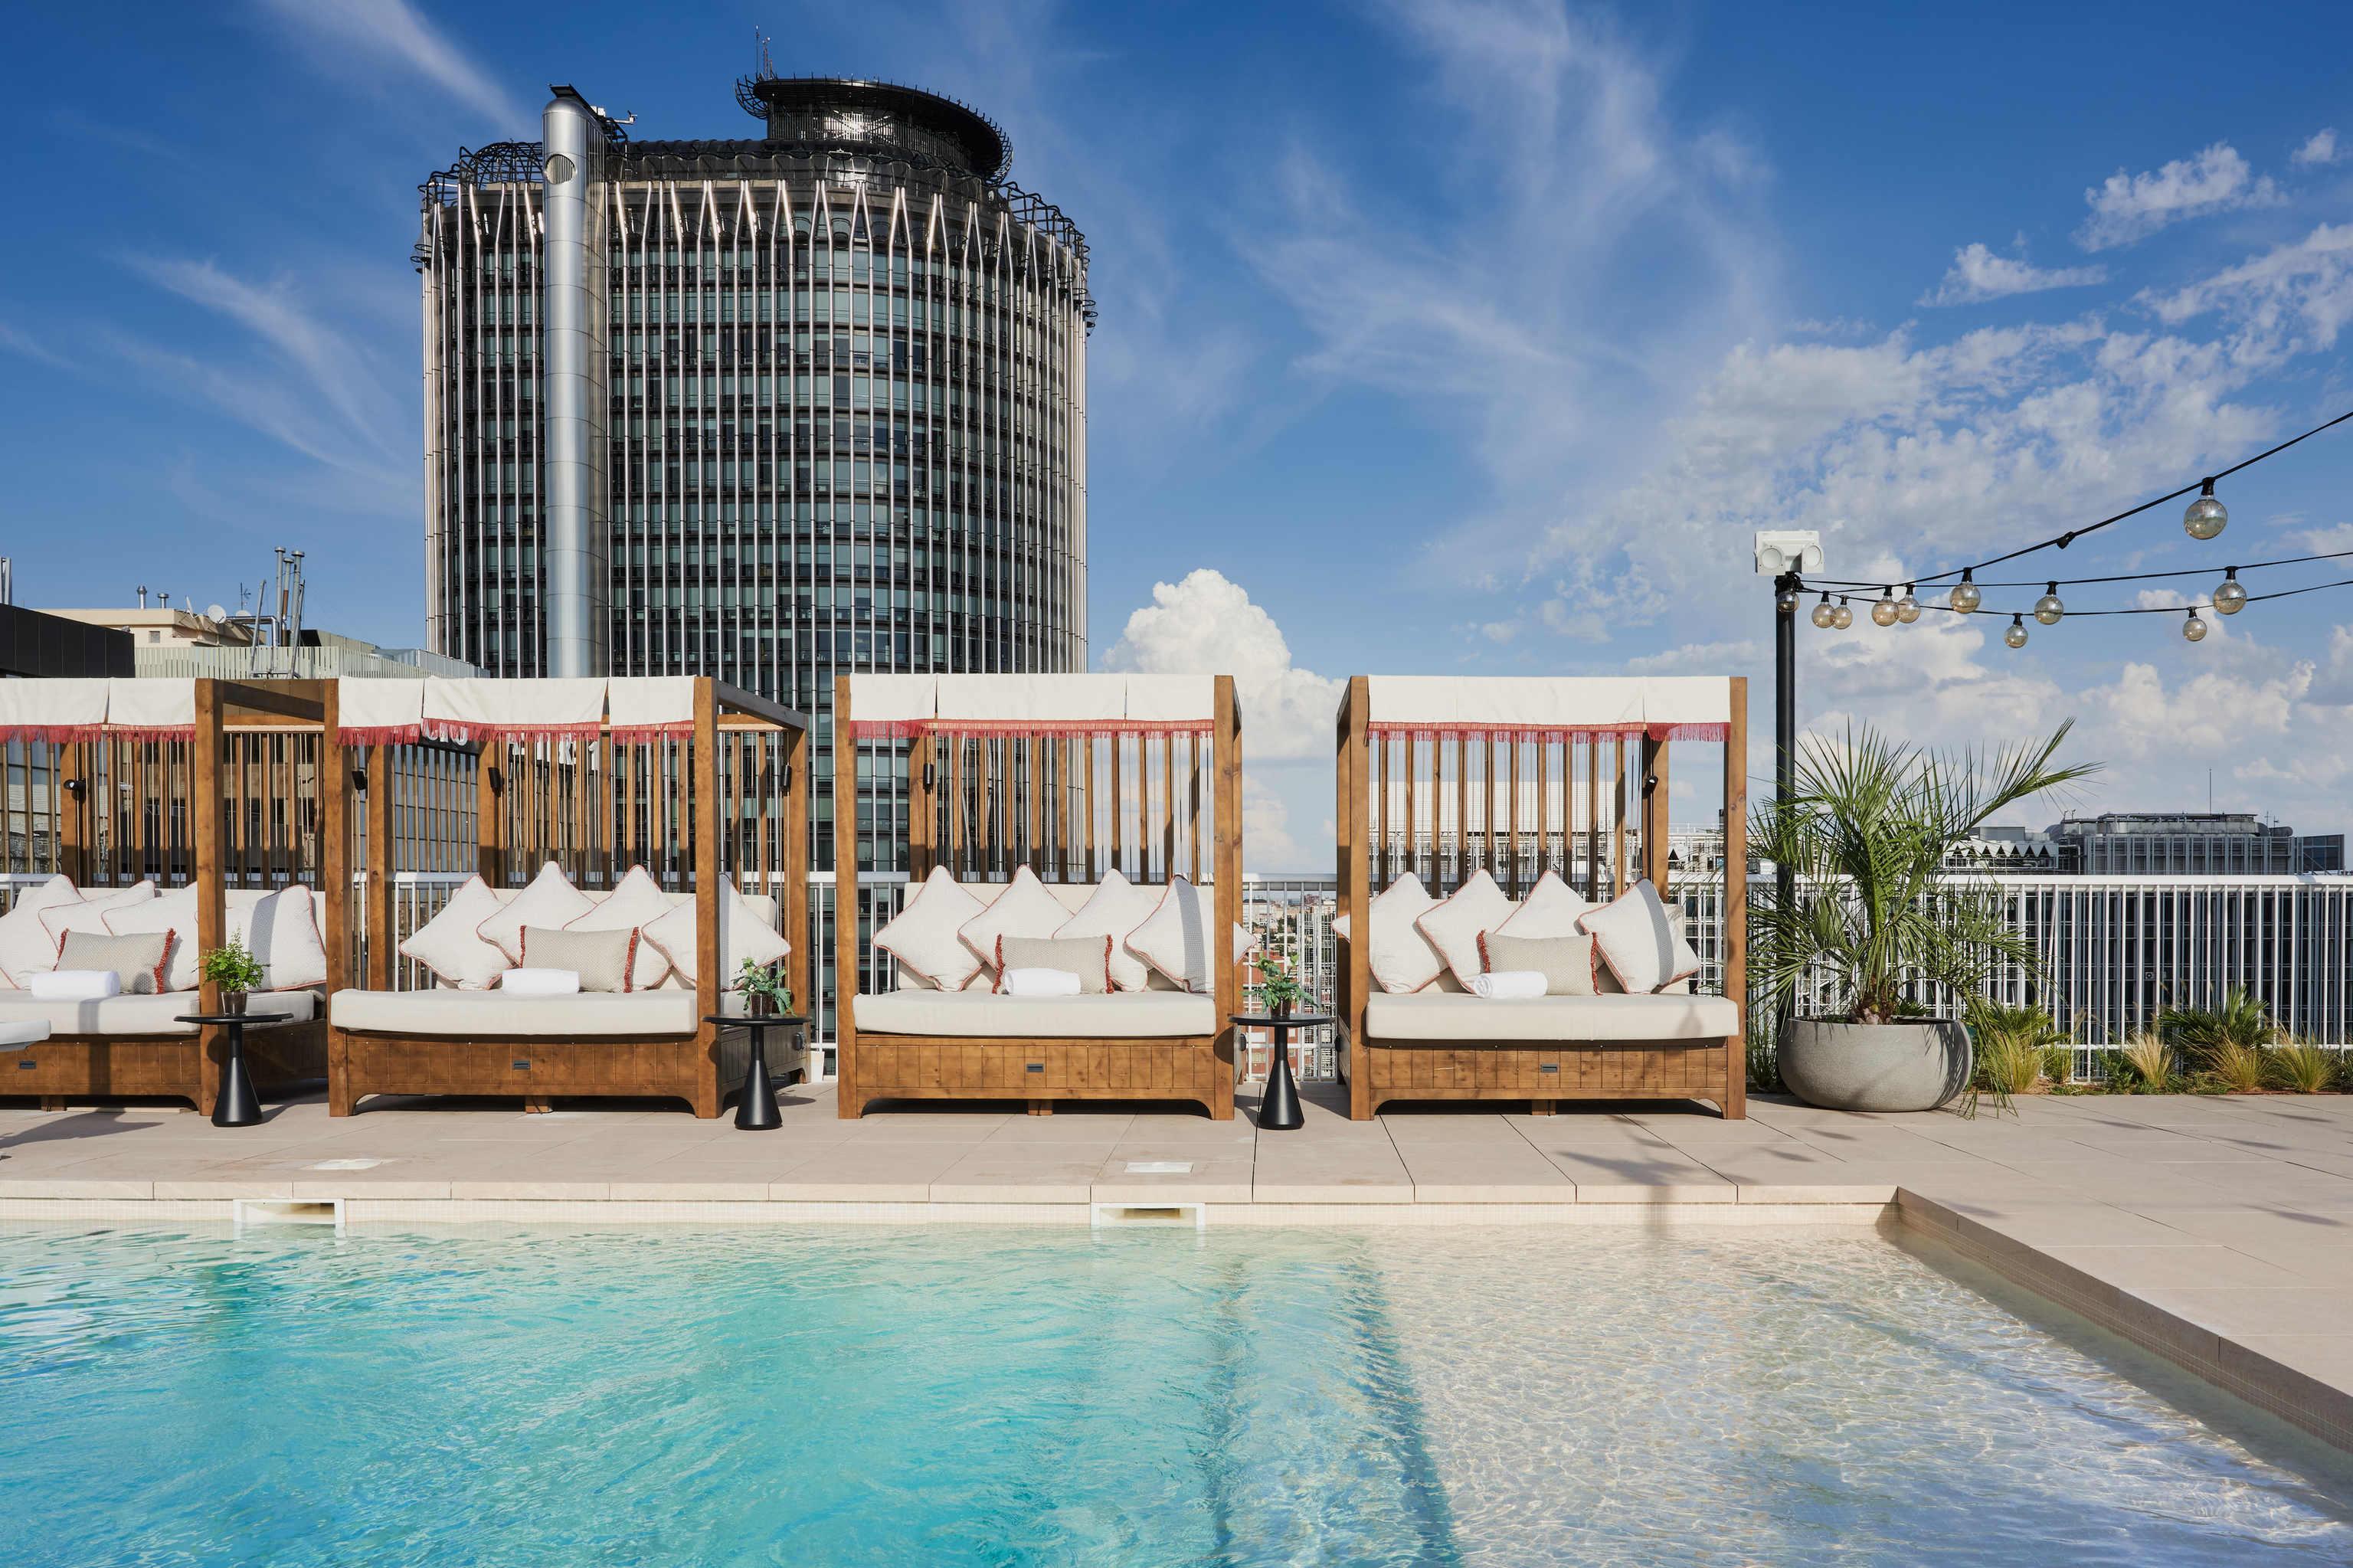 El distrito financiero acoge un hotel cosmopolita y abierto a los madileños.